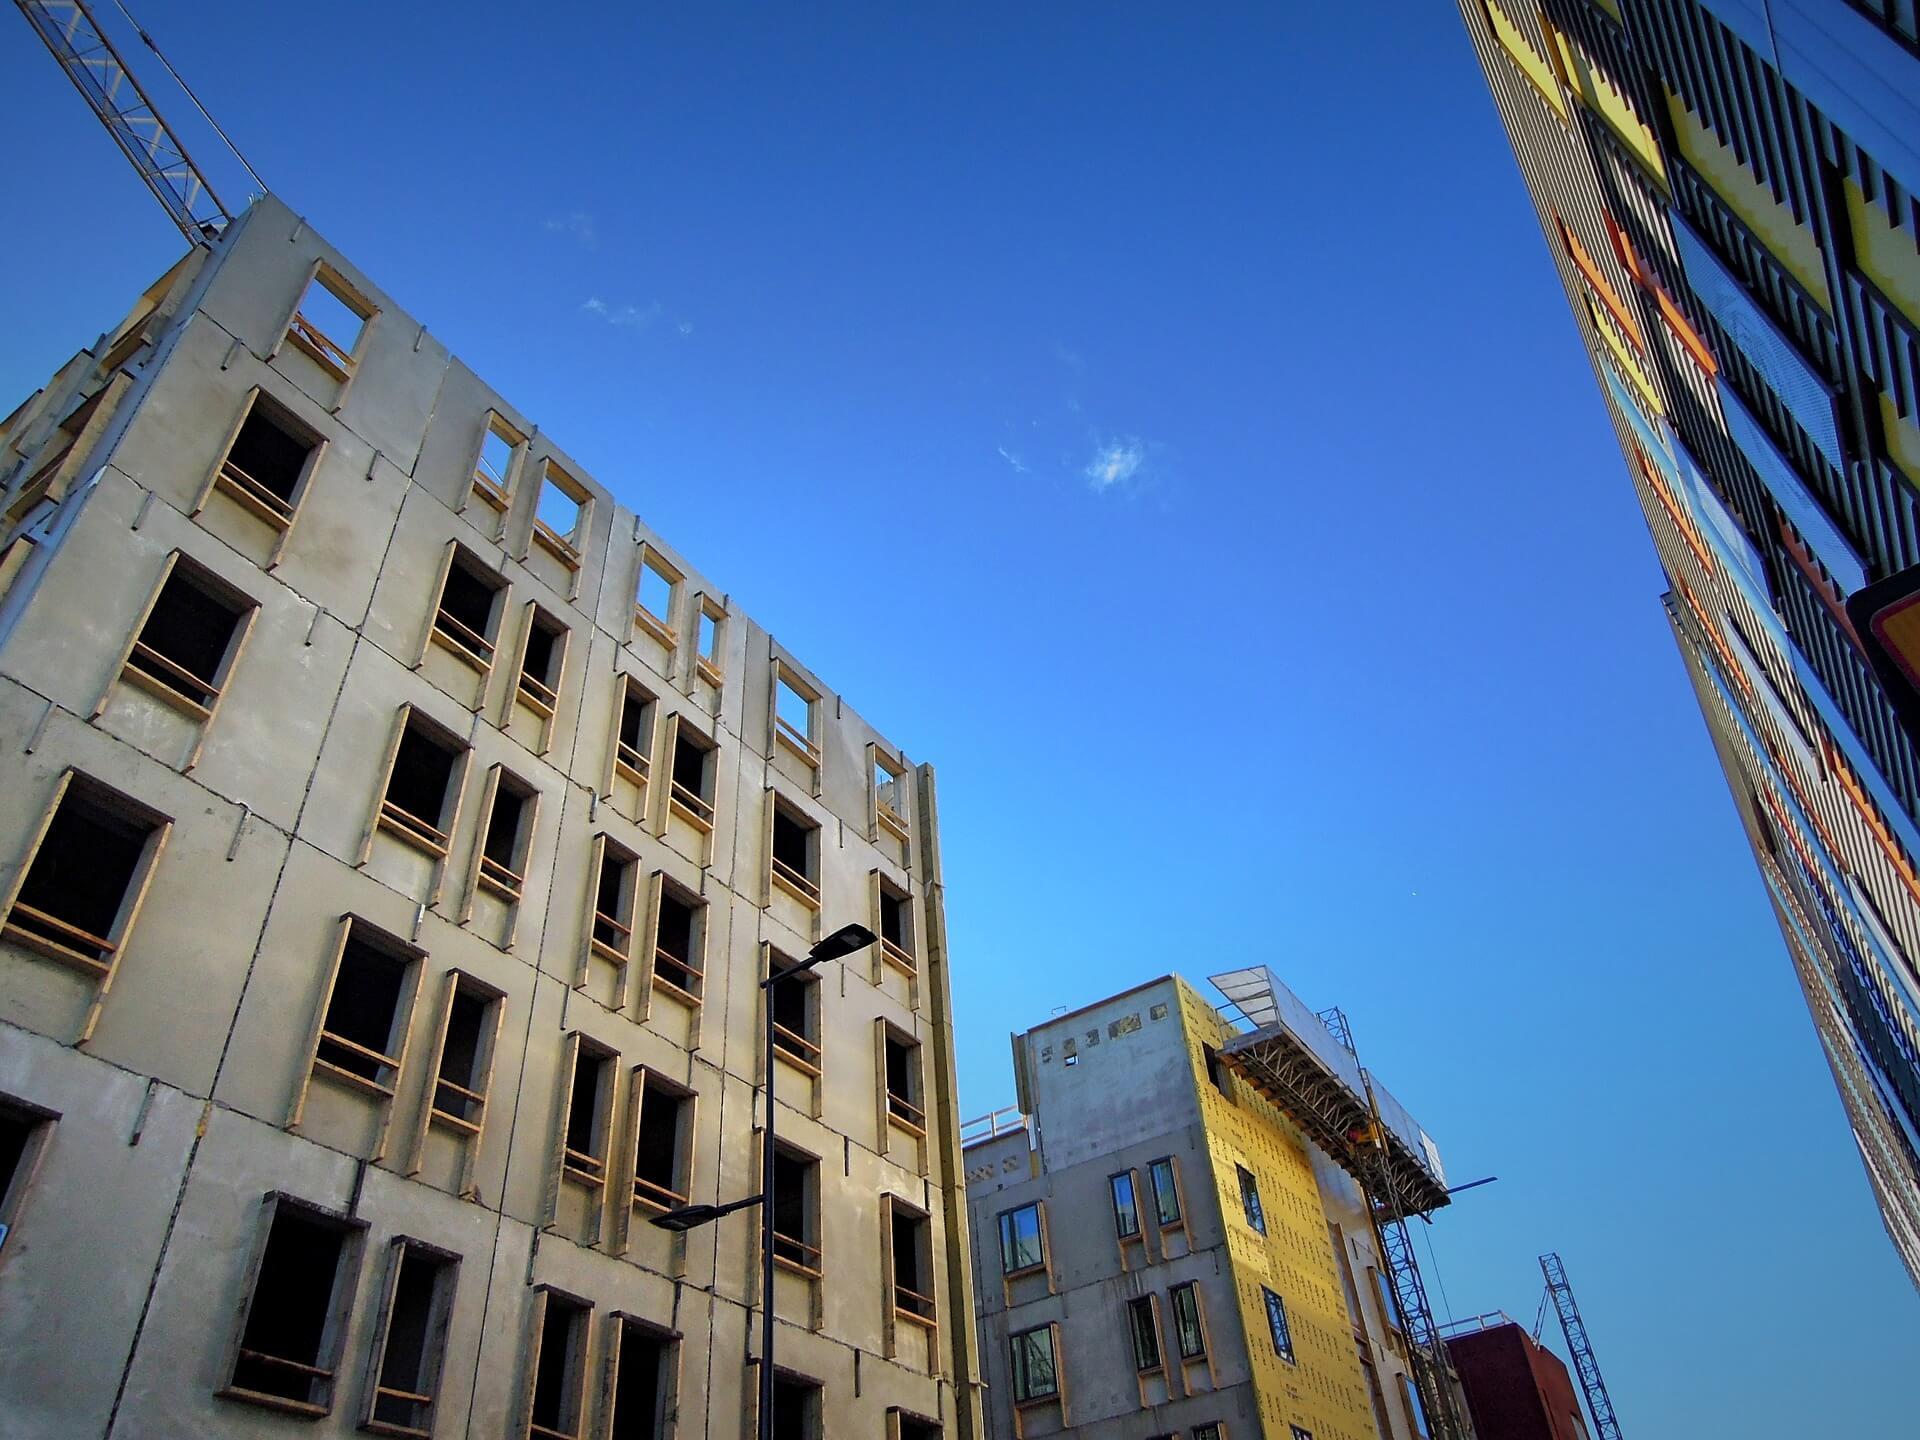 Fogynak a jó lakások – ősztől tovább szűkül a kínálat